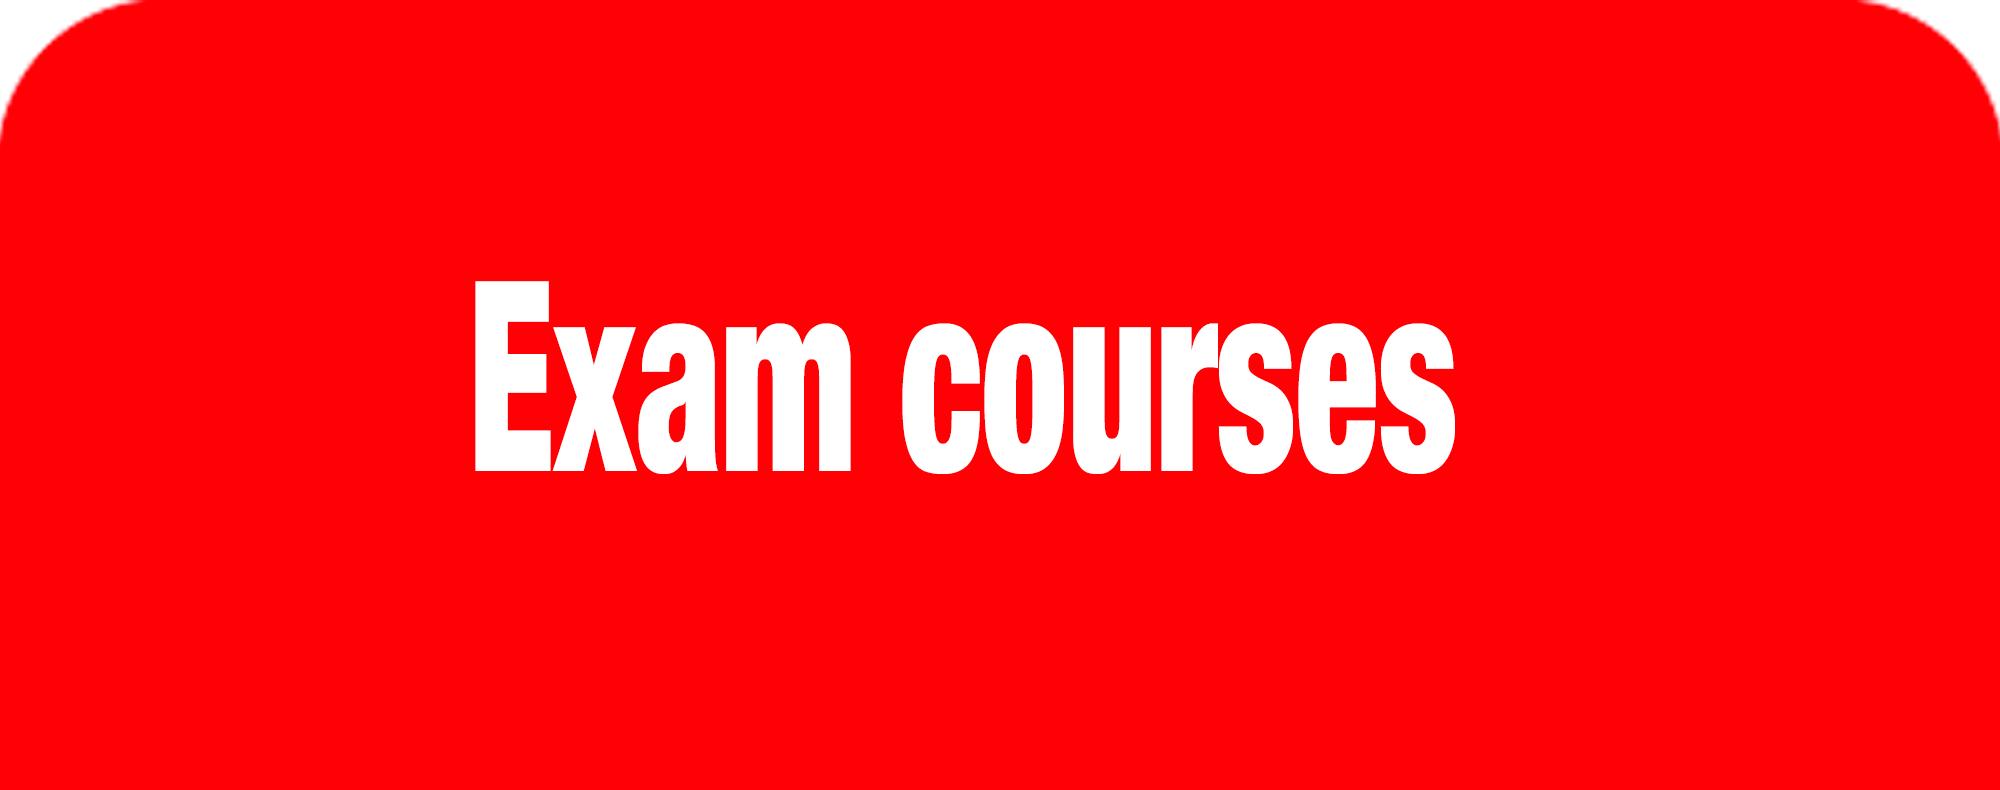 Exam courses